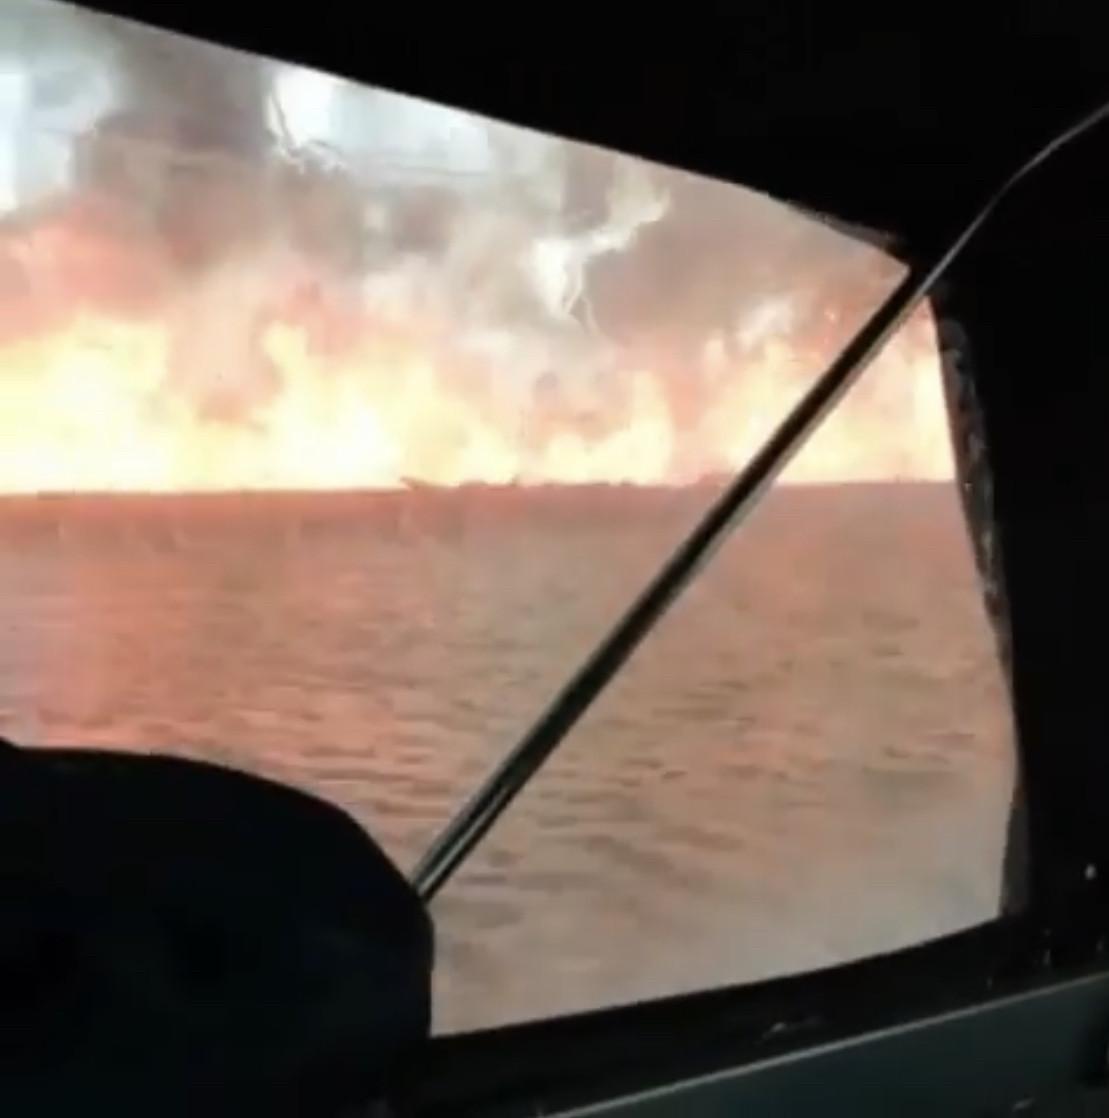 Астраханцы делятся видео масштабного пожара в дельте Волги